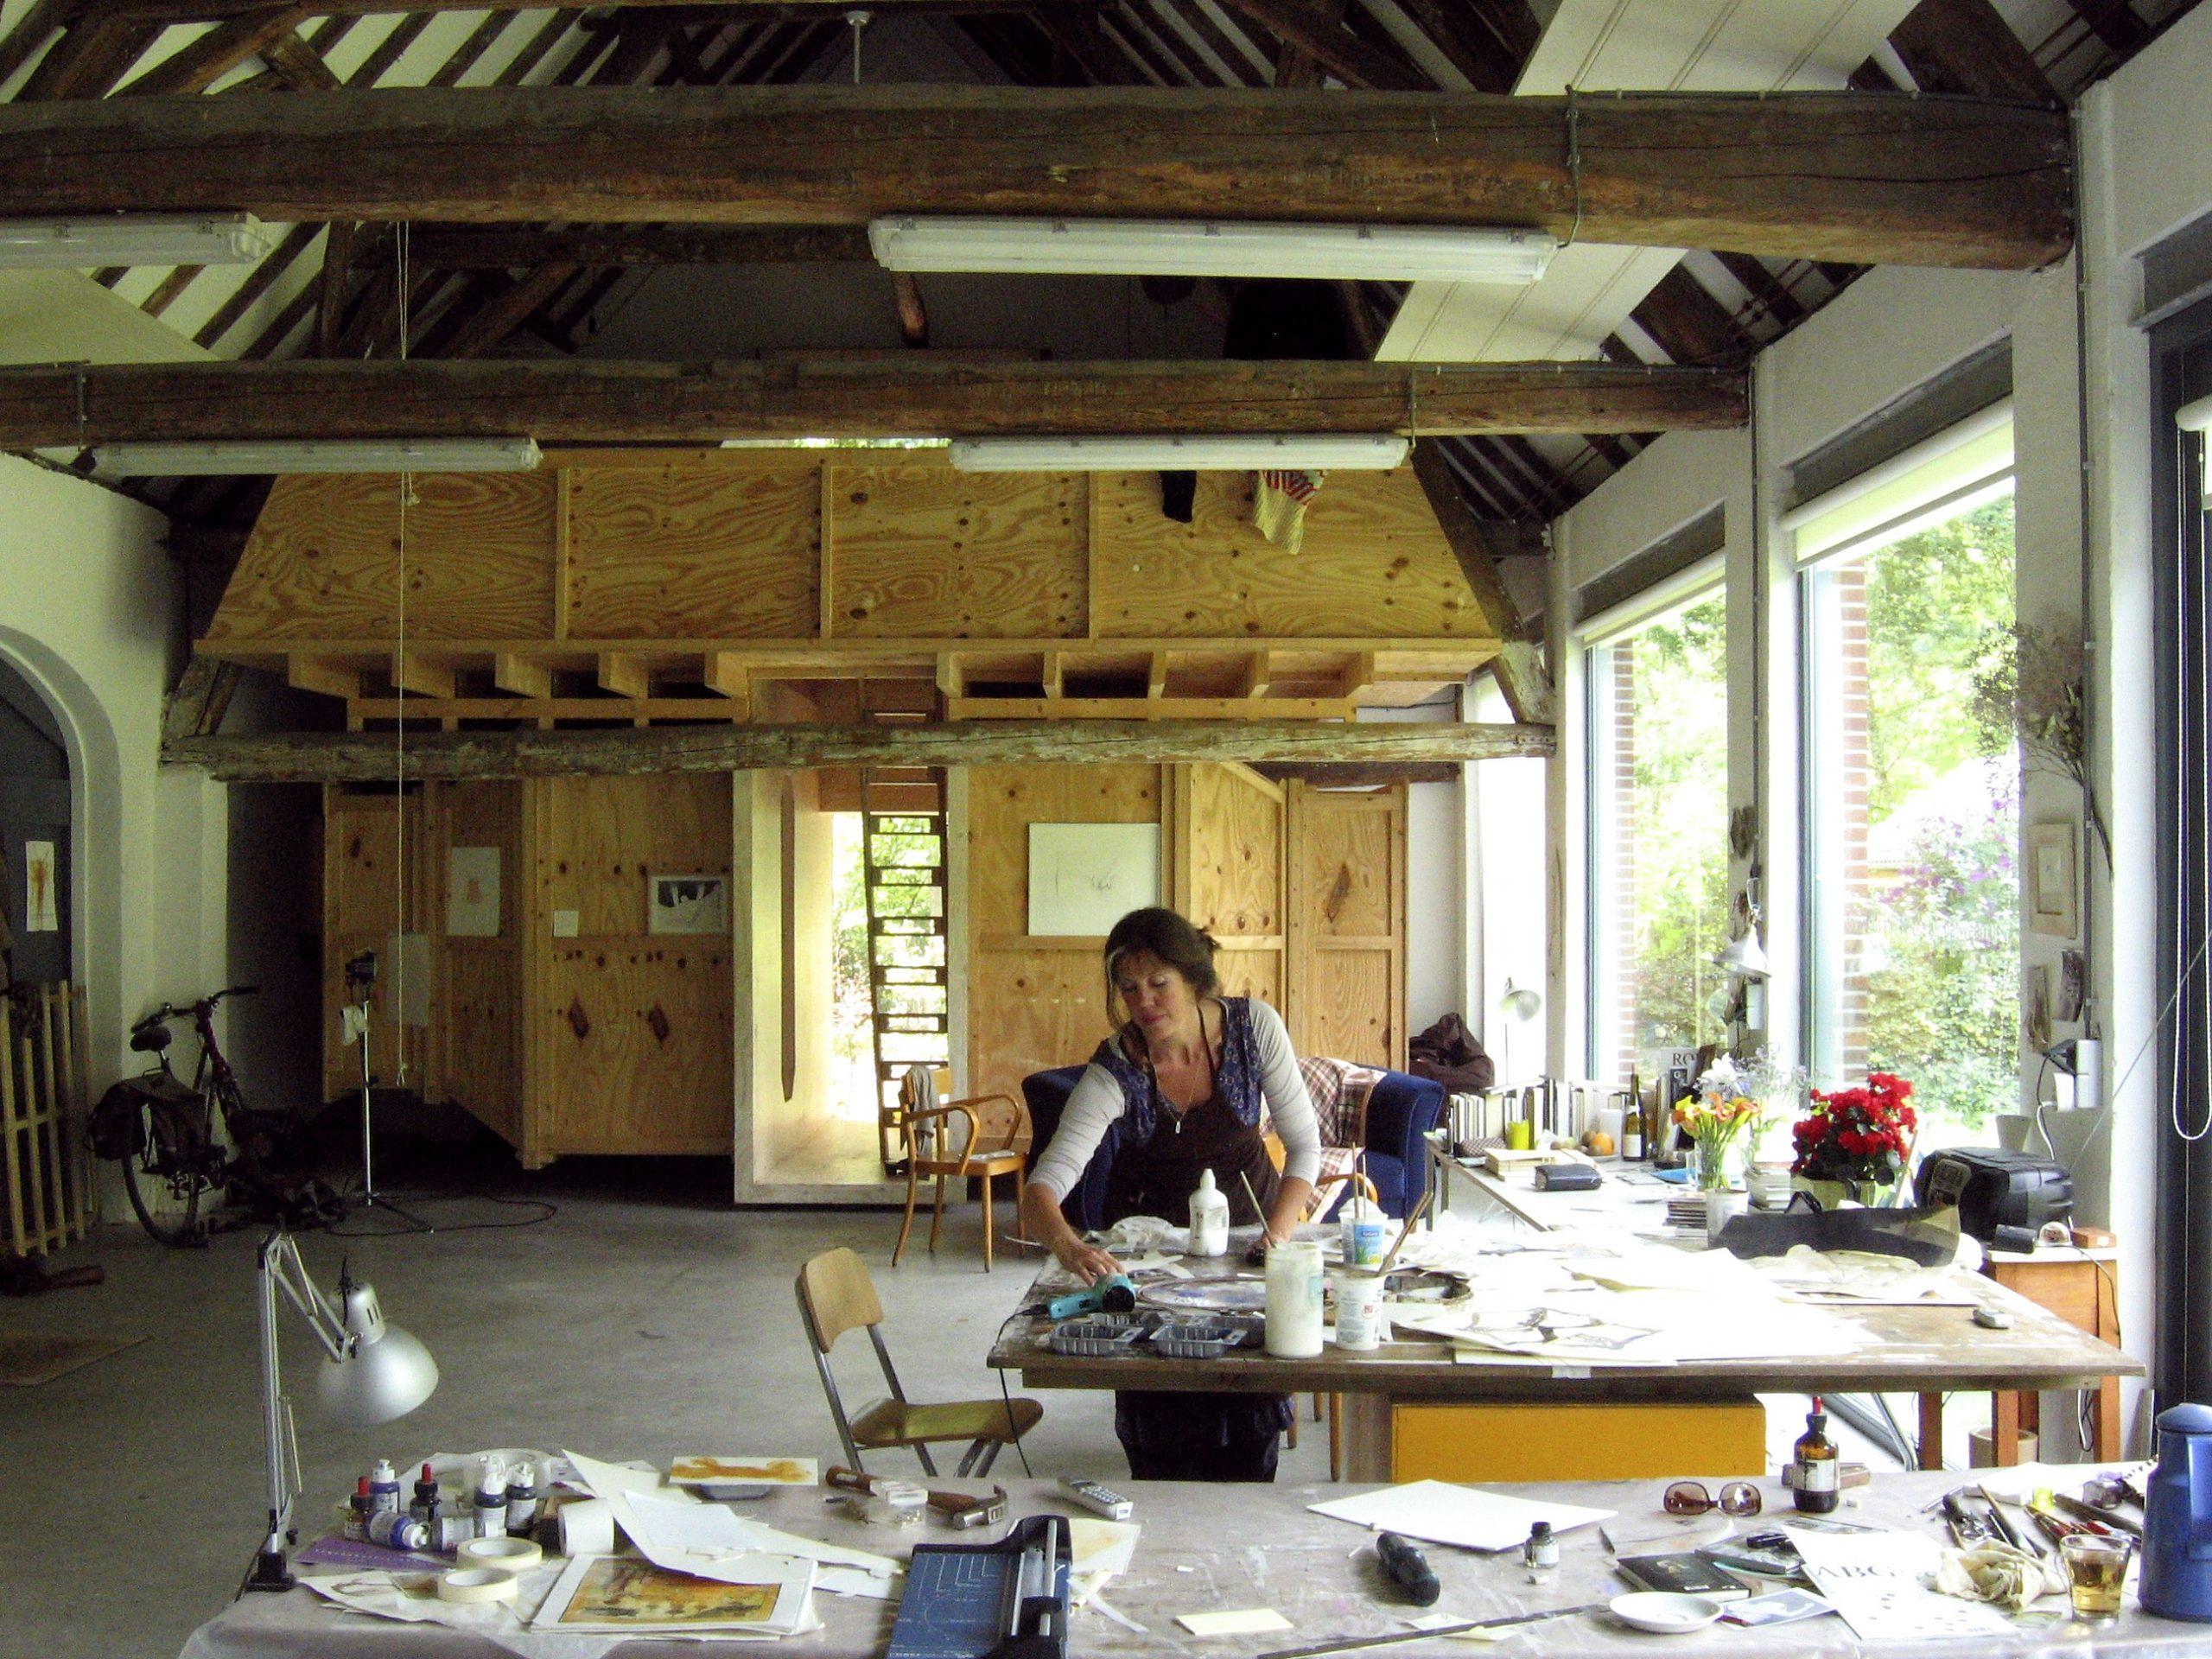 Caren van Herwaarden Atelier kunstenares artist in residence Kloosterhotel ZIN kunstcommissie